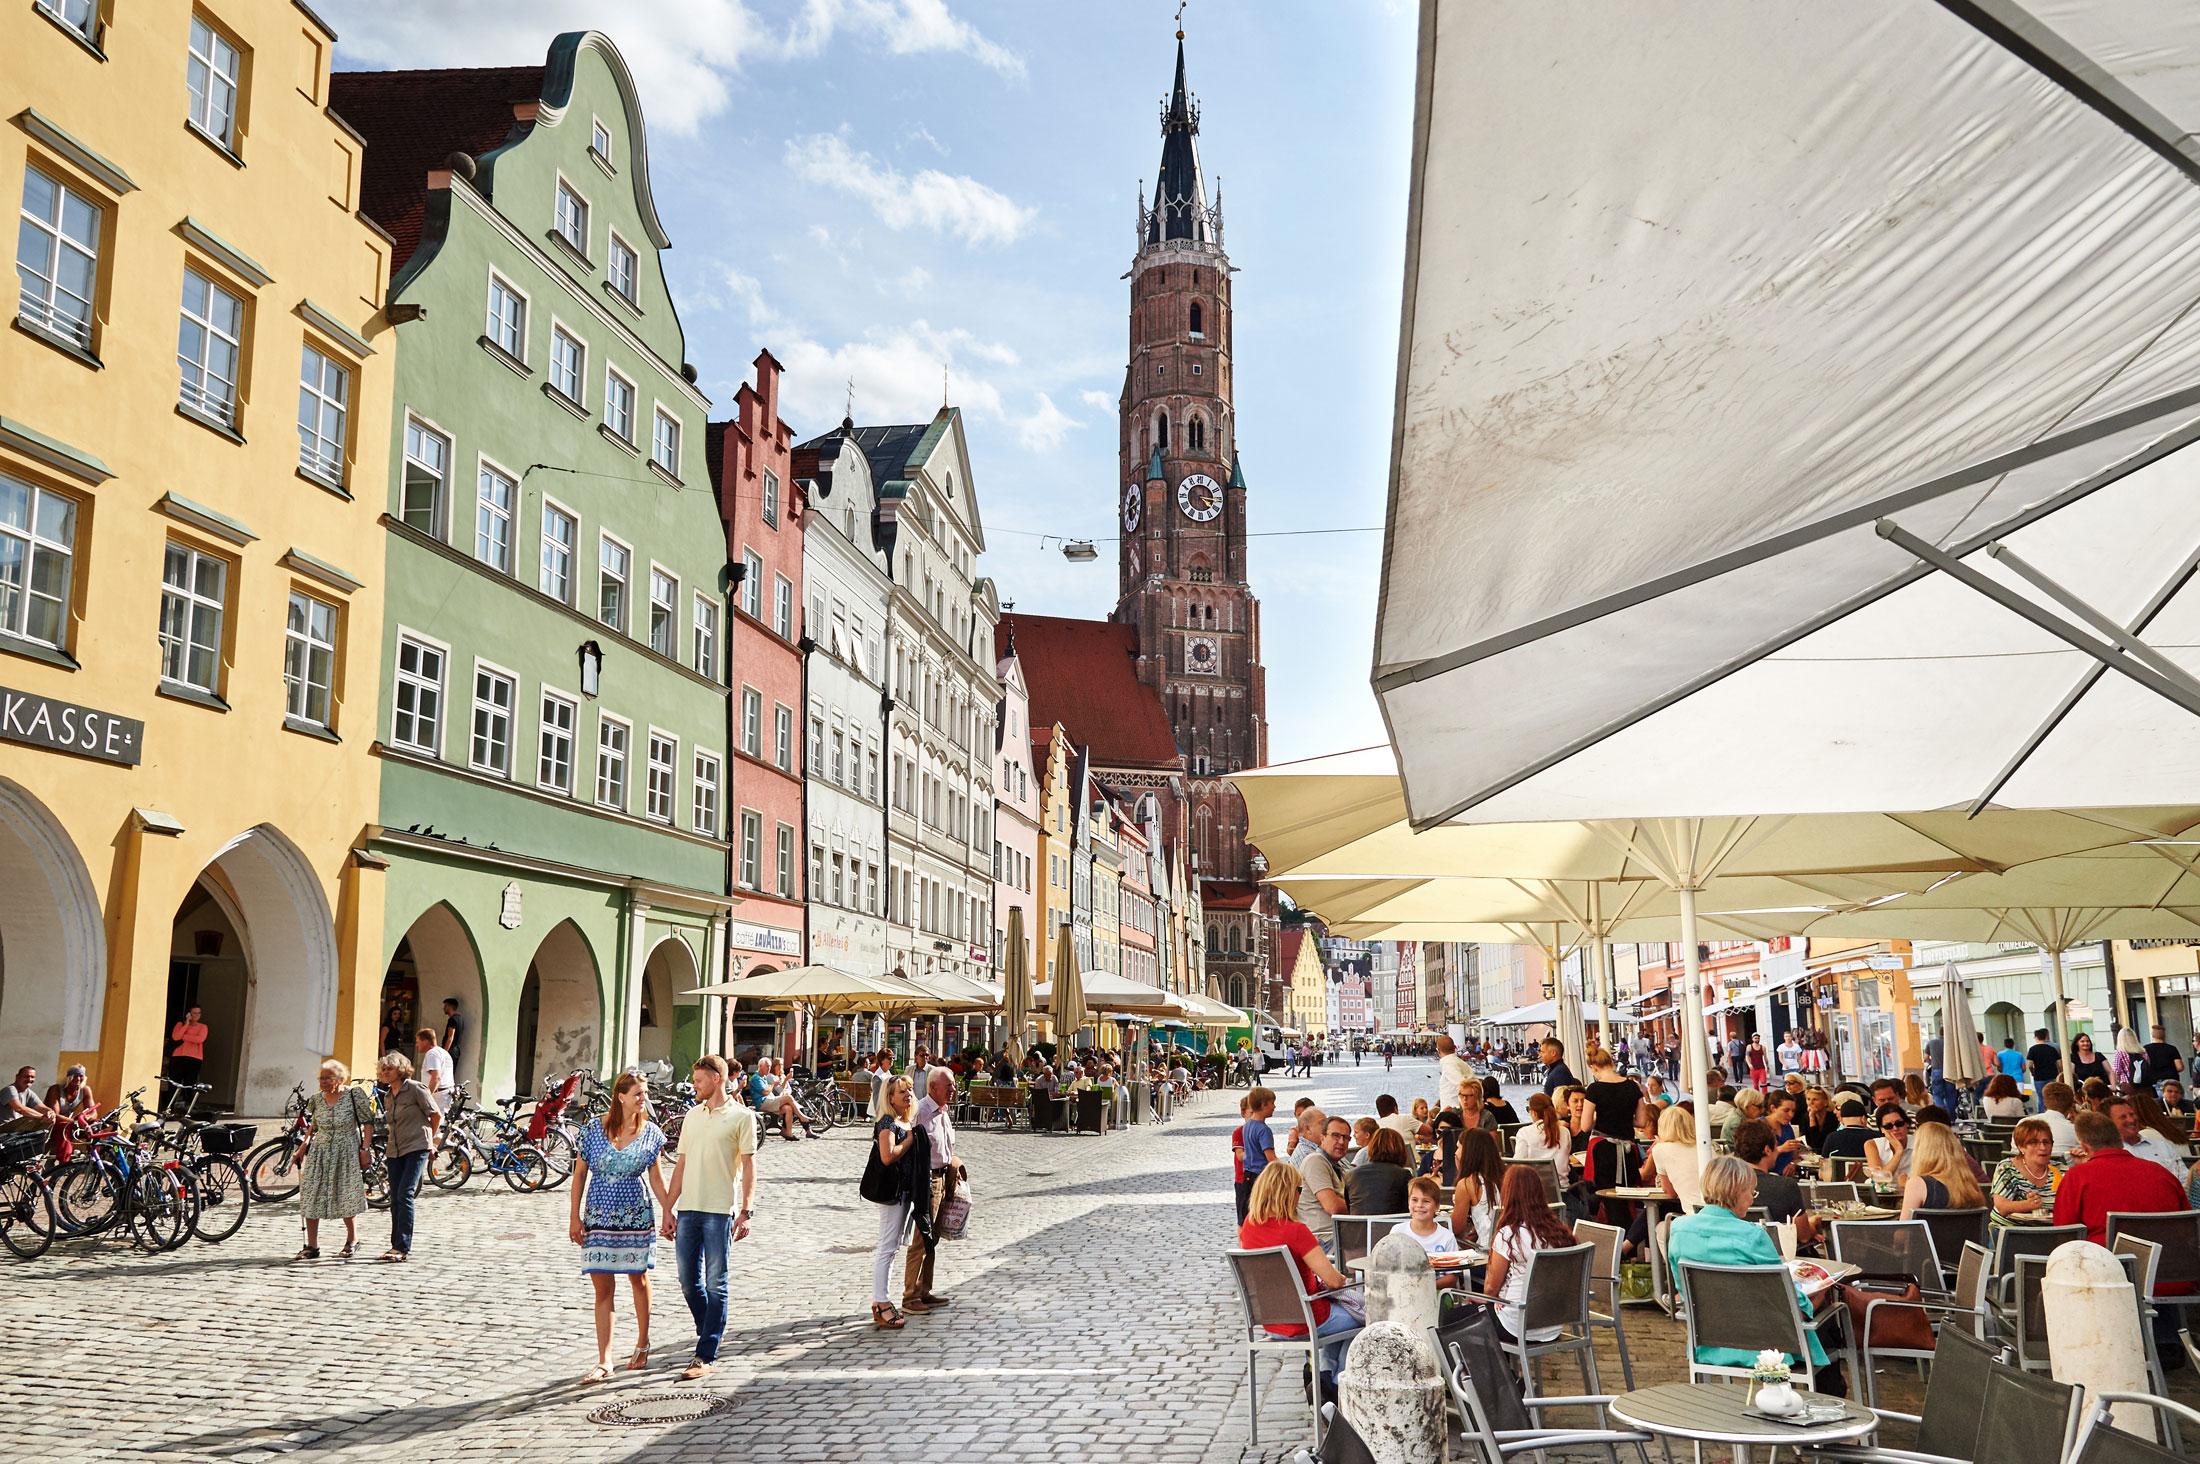 Die zauberhafte Landshuter Altstadt lädt zum Bummeln und Flanieren in einzigartiger Kulisse ein.